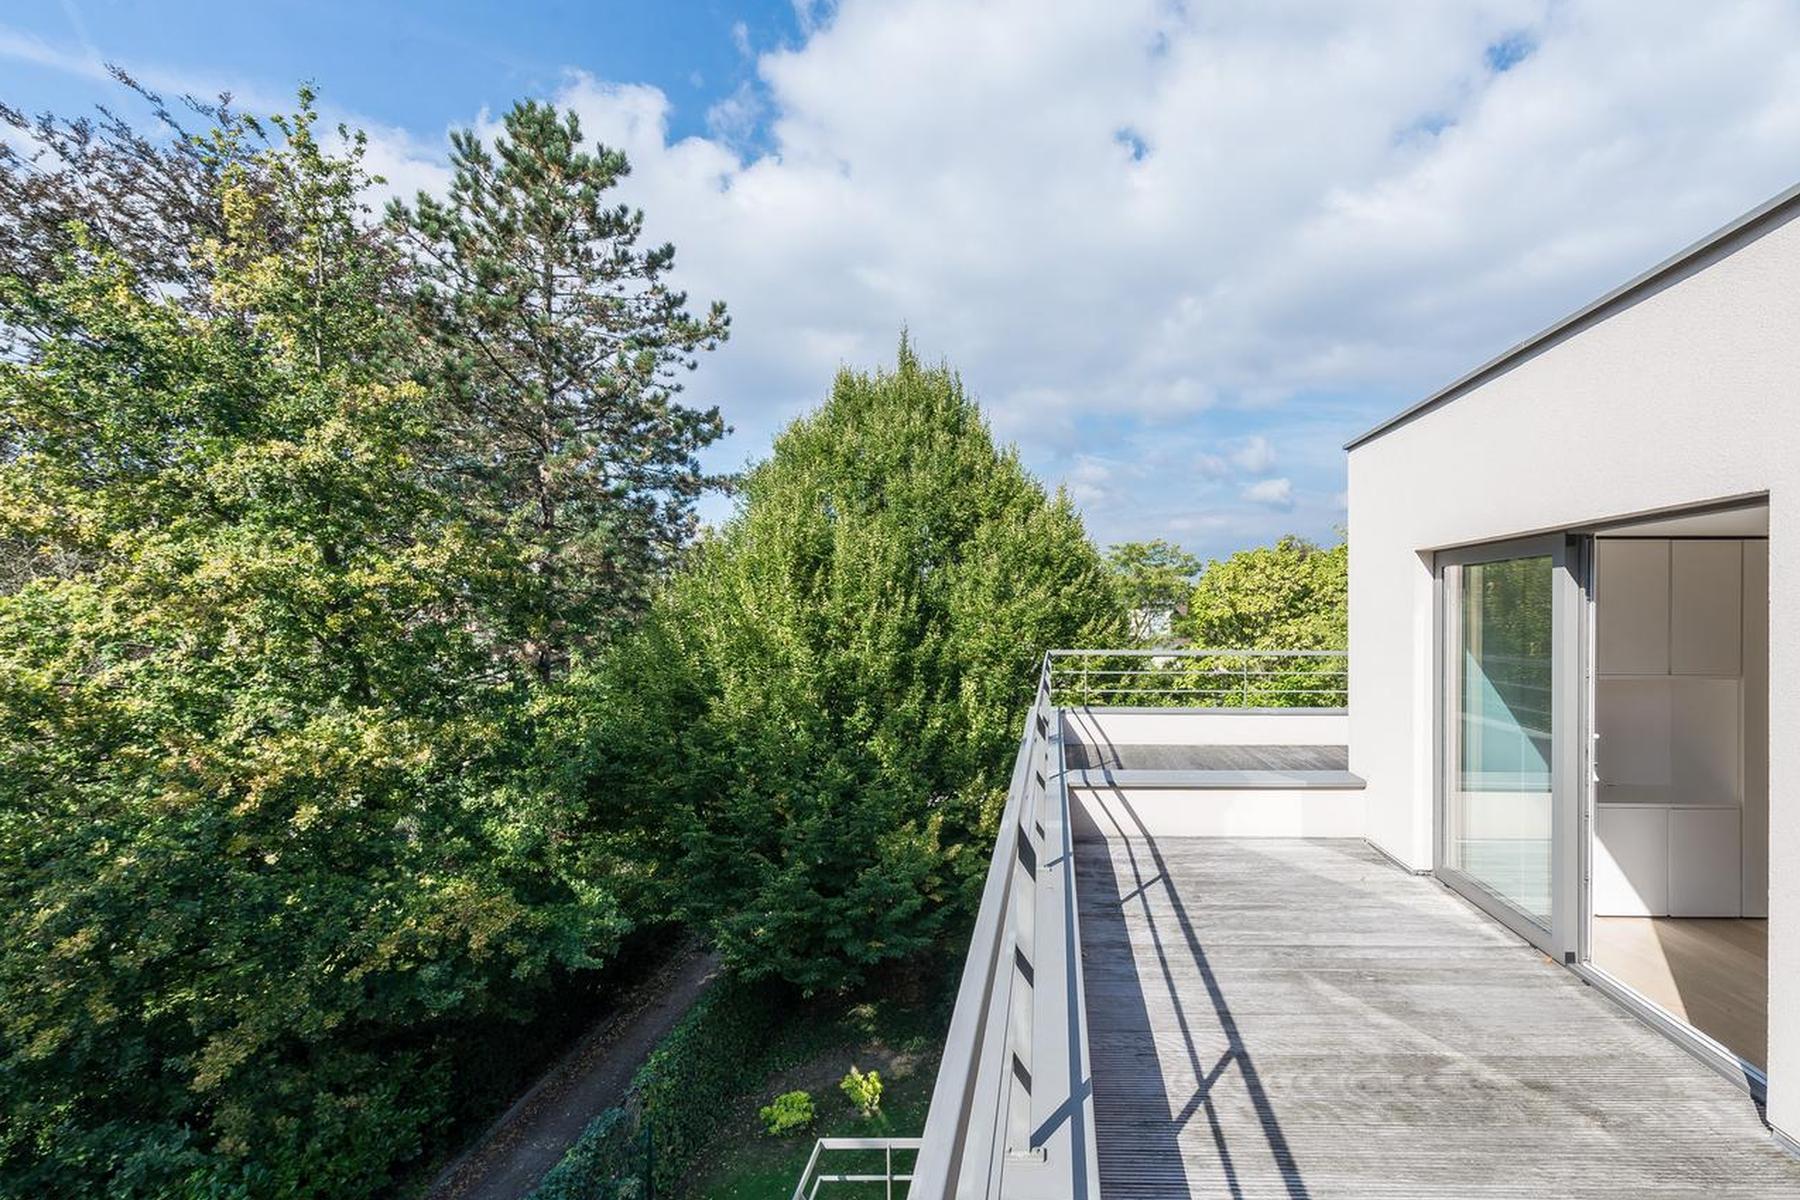 شقة للـ Rent في Uccle I Observatoire 266 Dieweg, Brussels, Brussels, 1180 Belgium